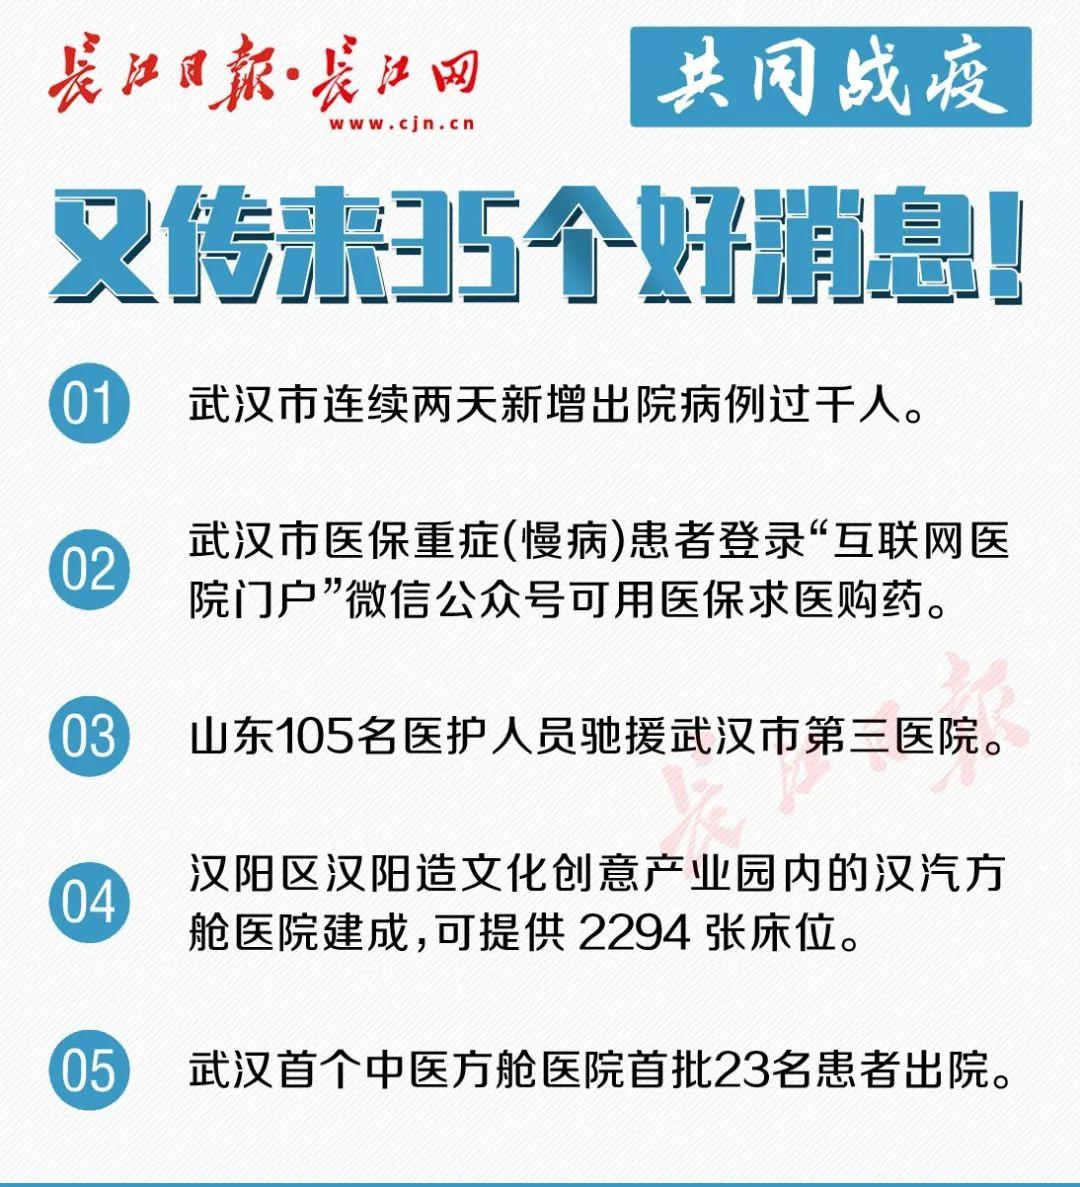 三百台呼吸机抵达武汉!又有35个好消息